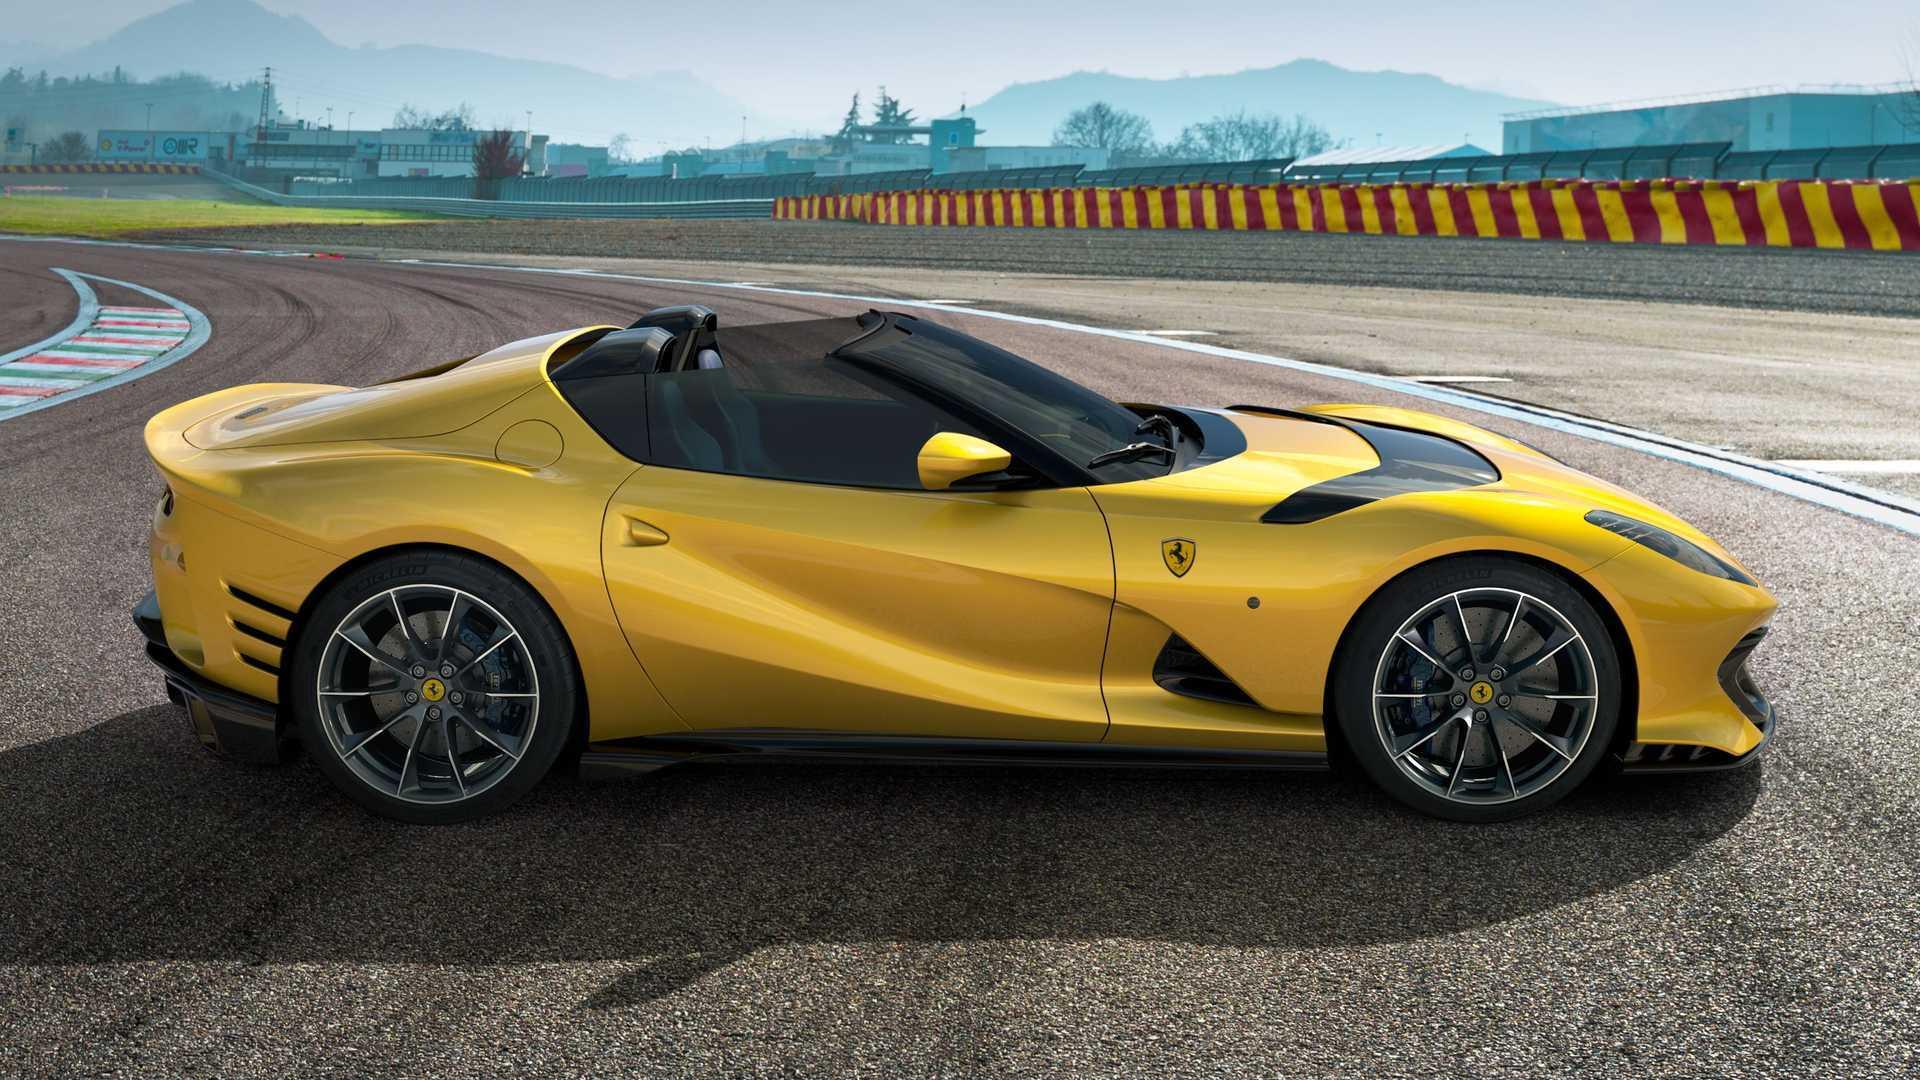 Ferrari 812 Competizione A Revealed: V12 Targa With 830 HP - Motor1